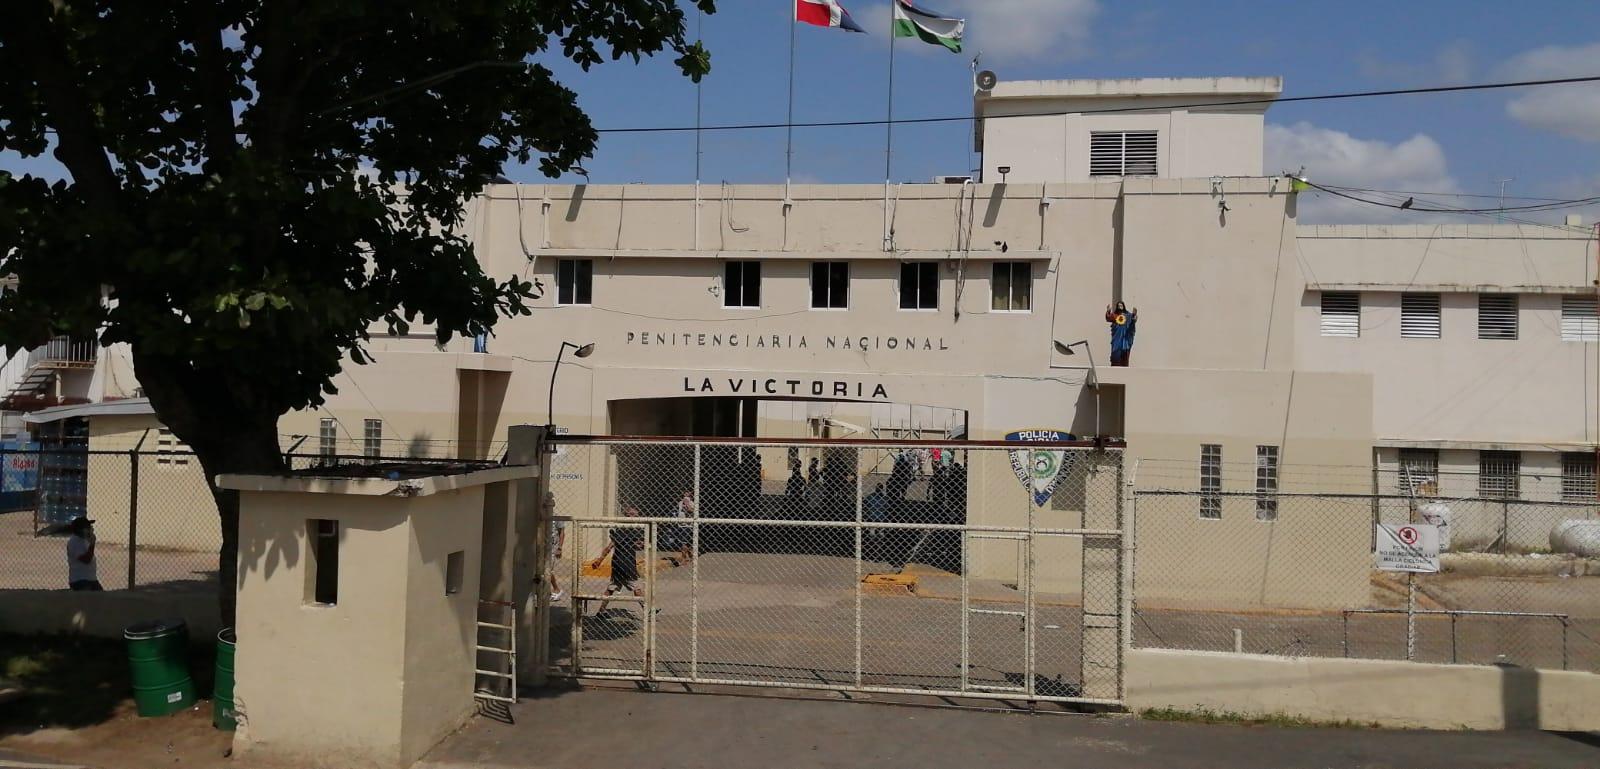 Más de mil agentes de seguridad del gobierno tomaron el control de la cárcel de La Victoria